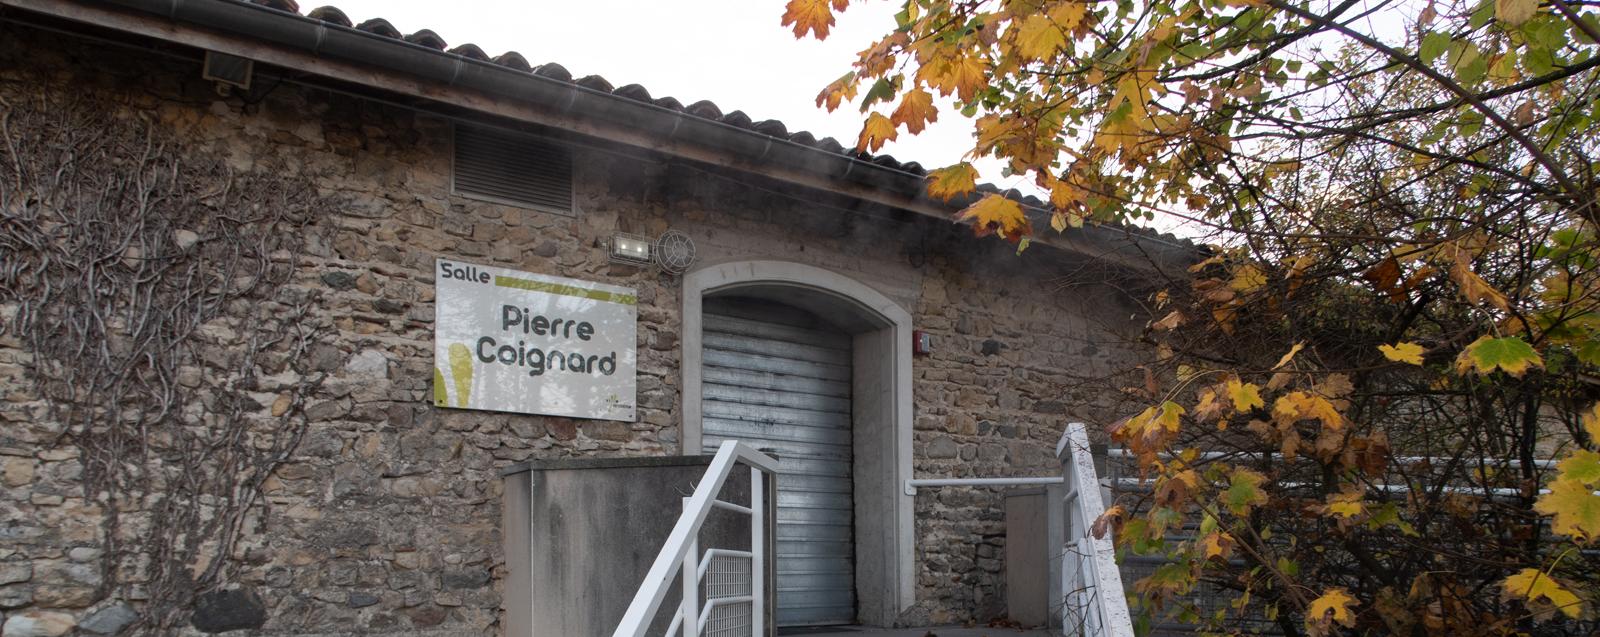 Salle Coignard  ©Mairie de Villefontaine